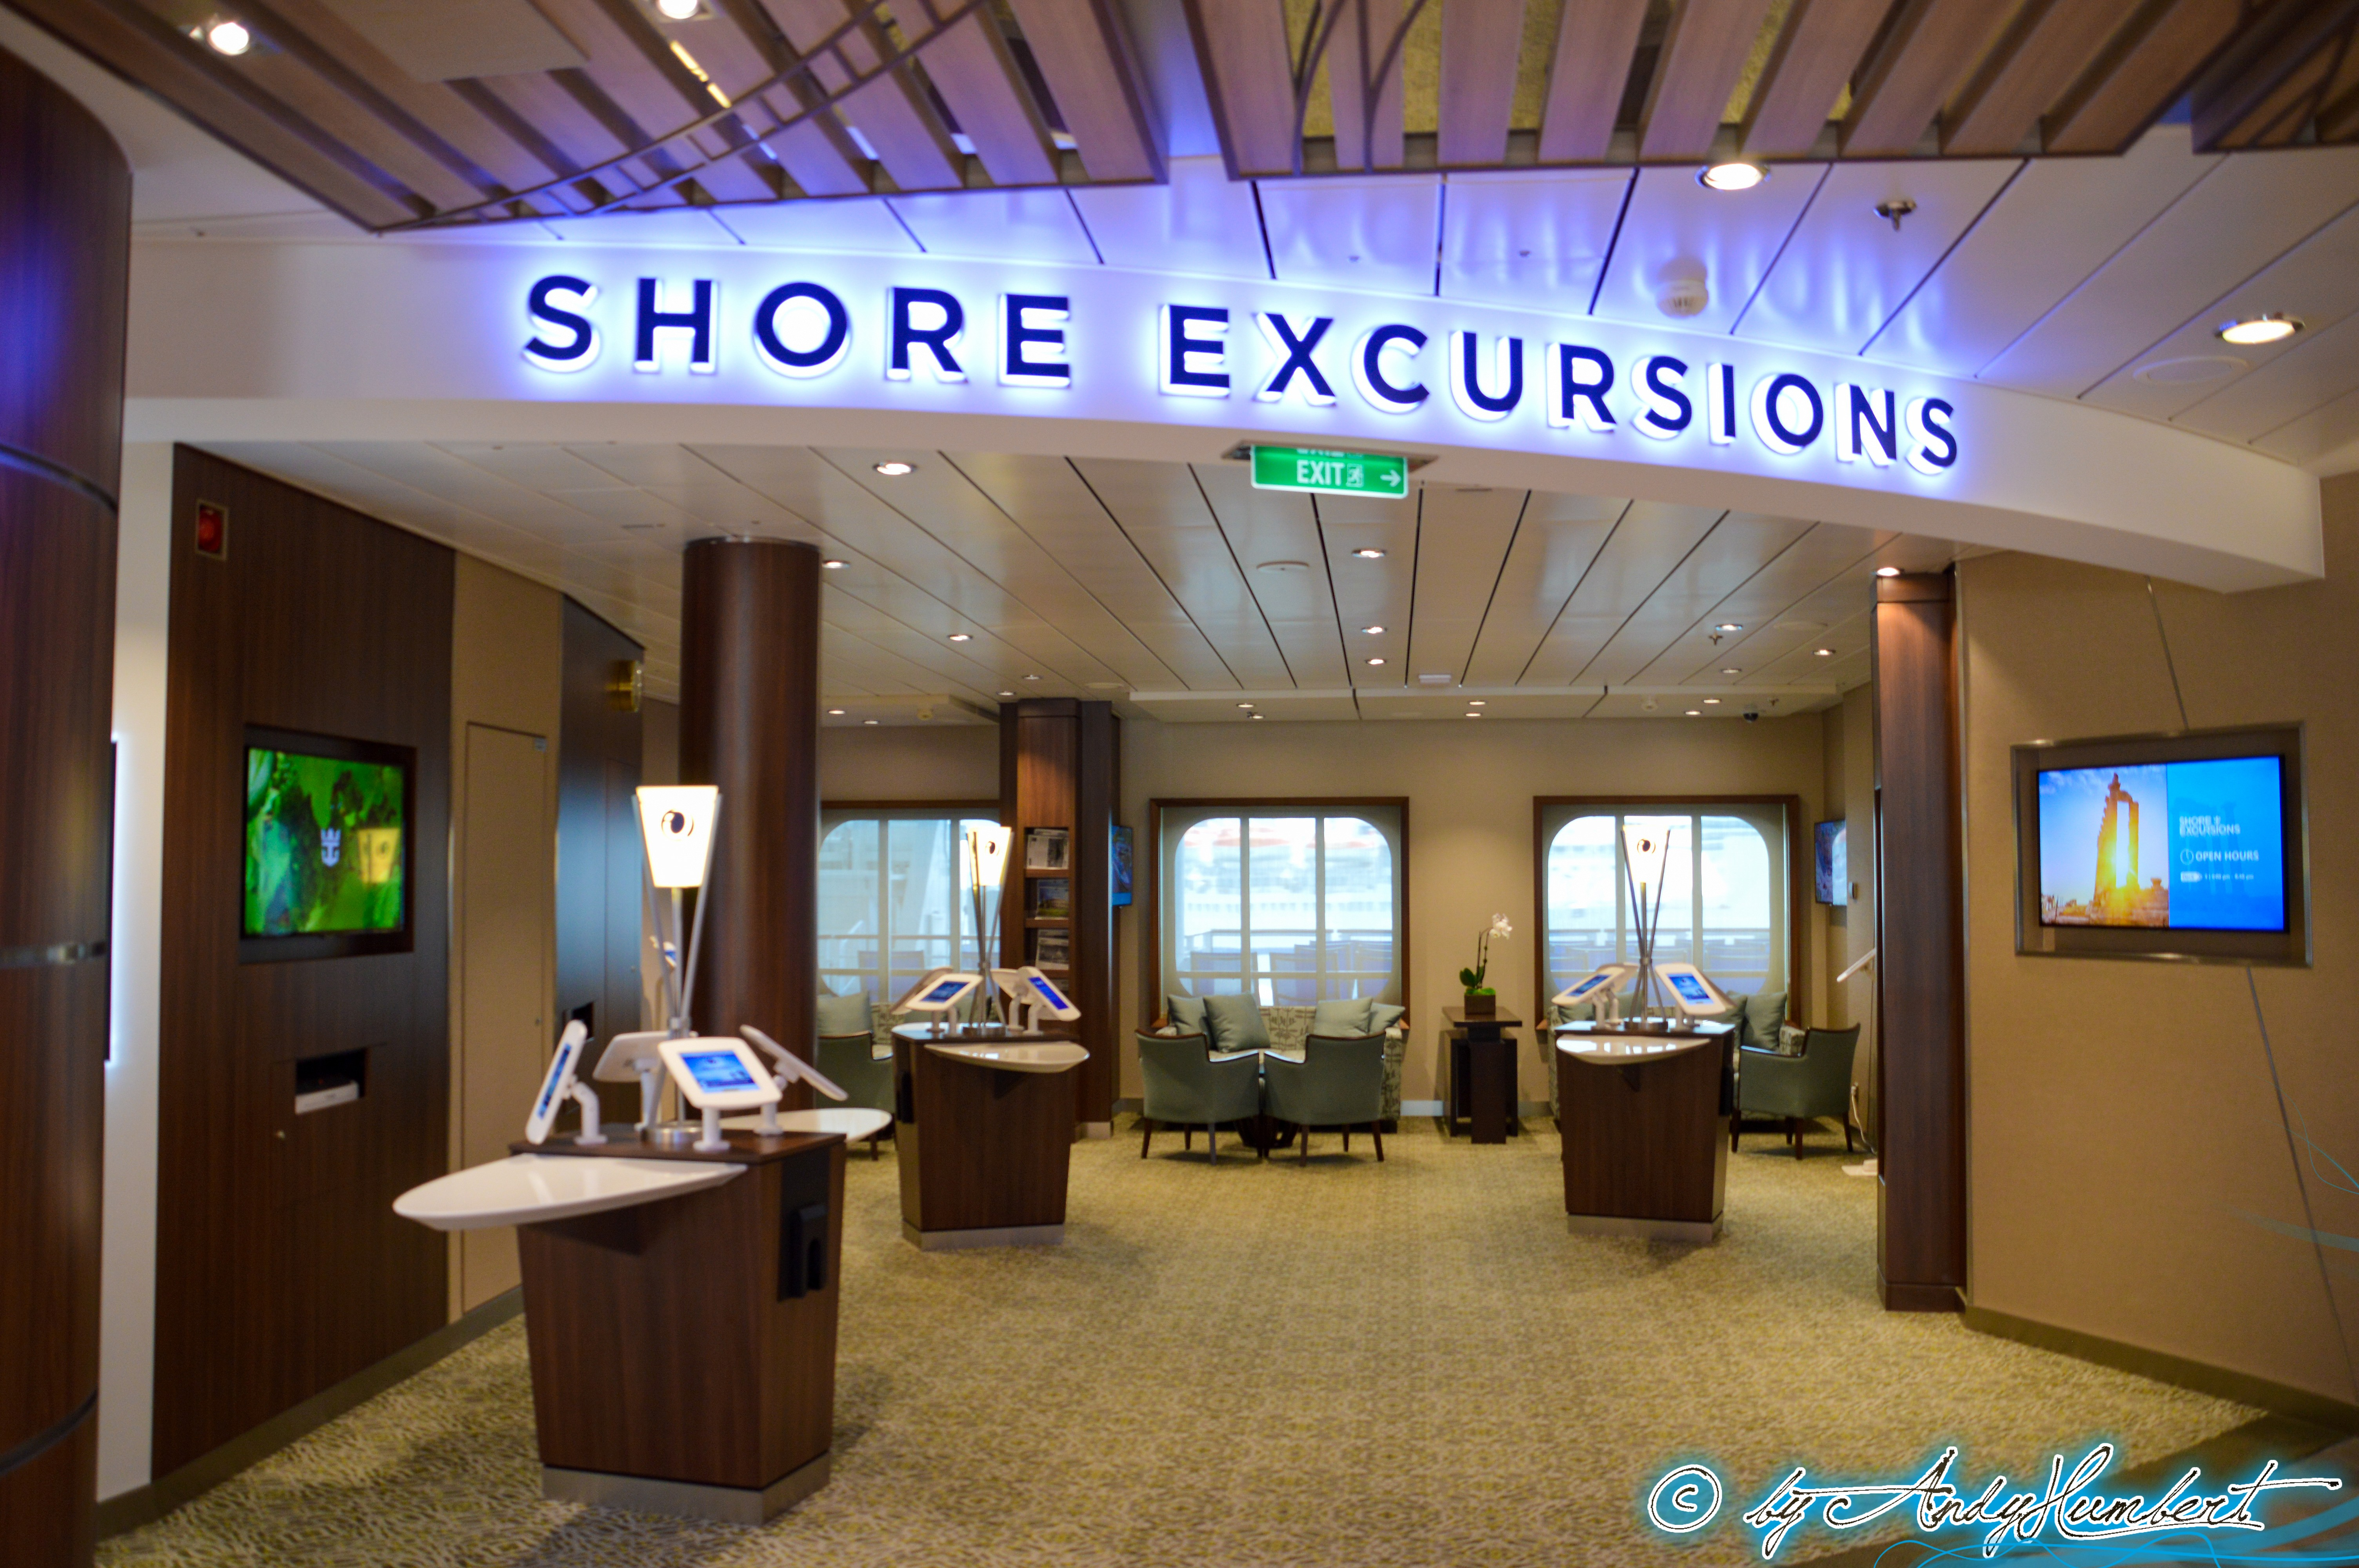 Shore Excursions (pont 5)